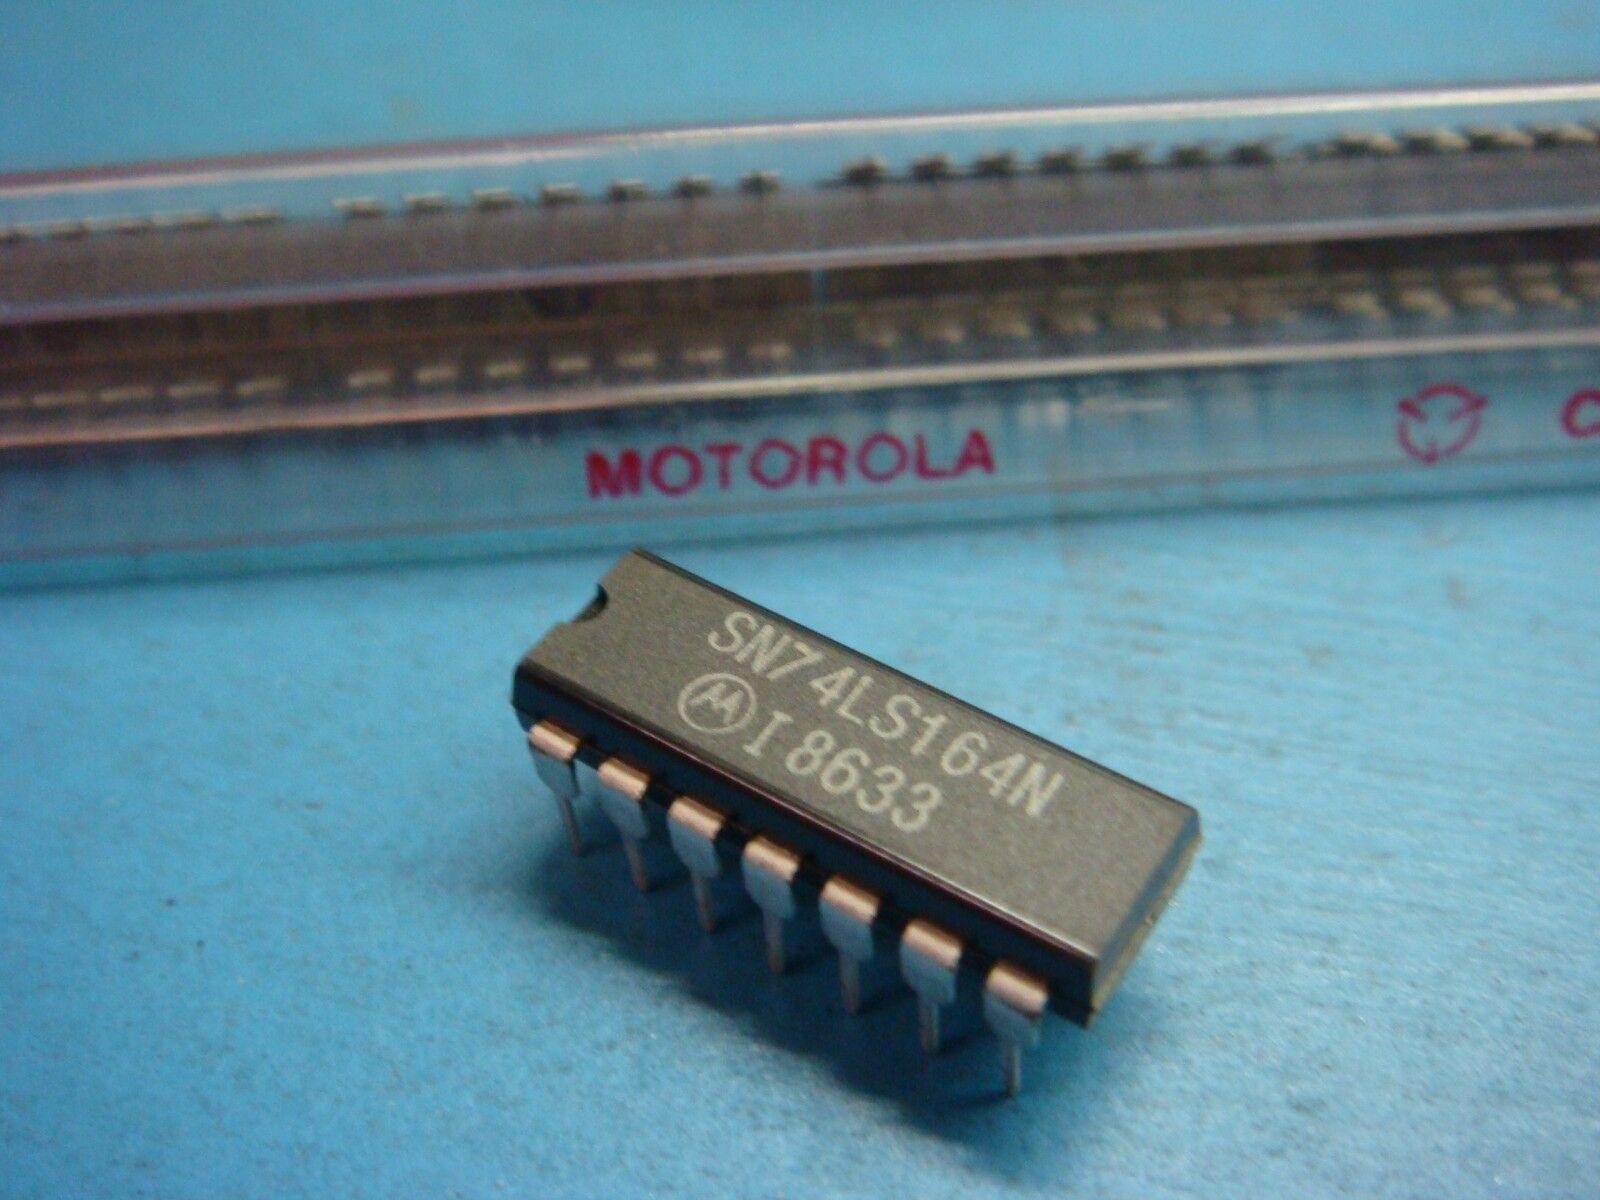 Motorola SN74LS164N IC Integrated Circuit 14pin - Pcs | eBay